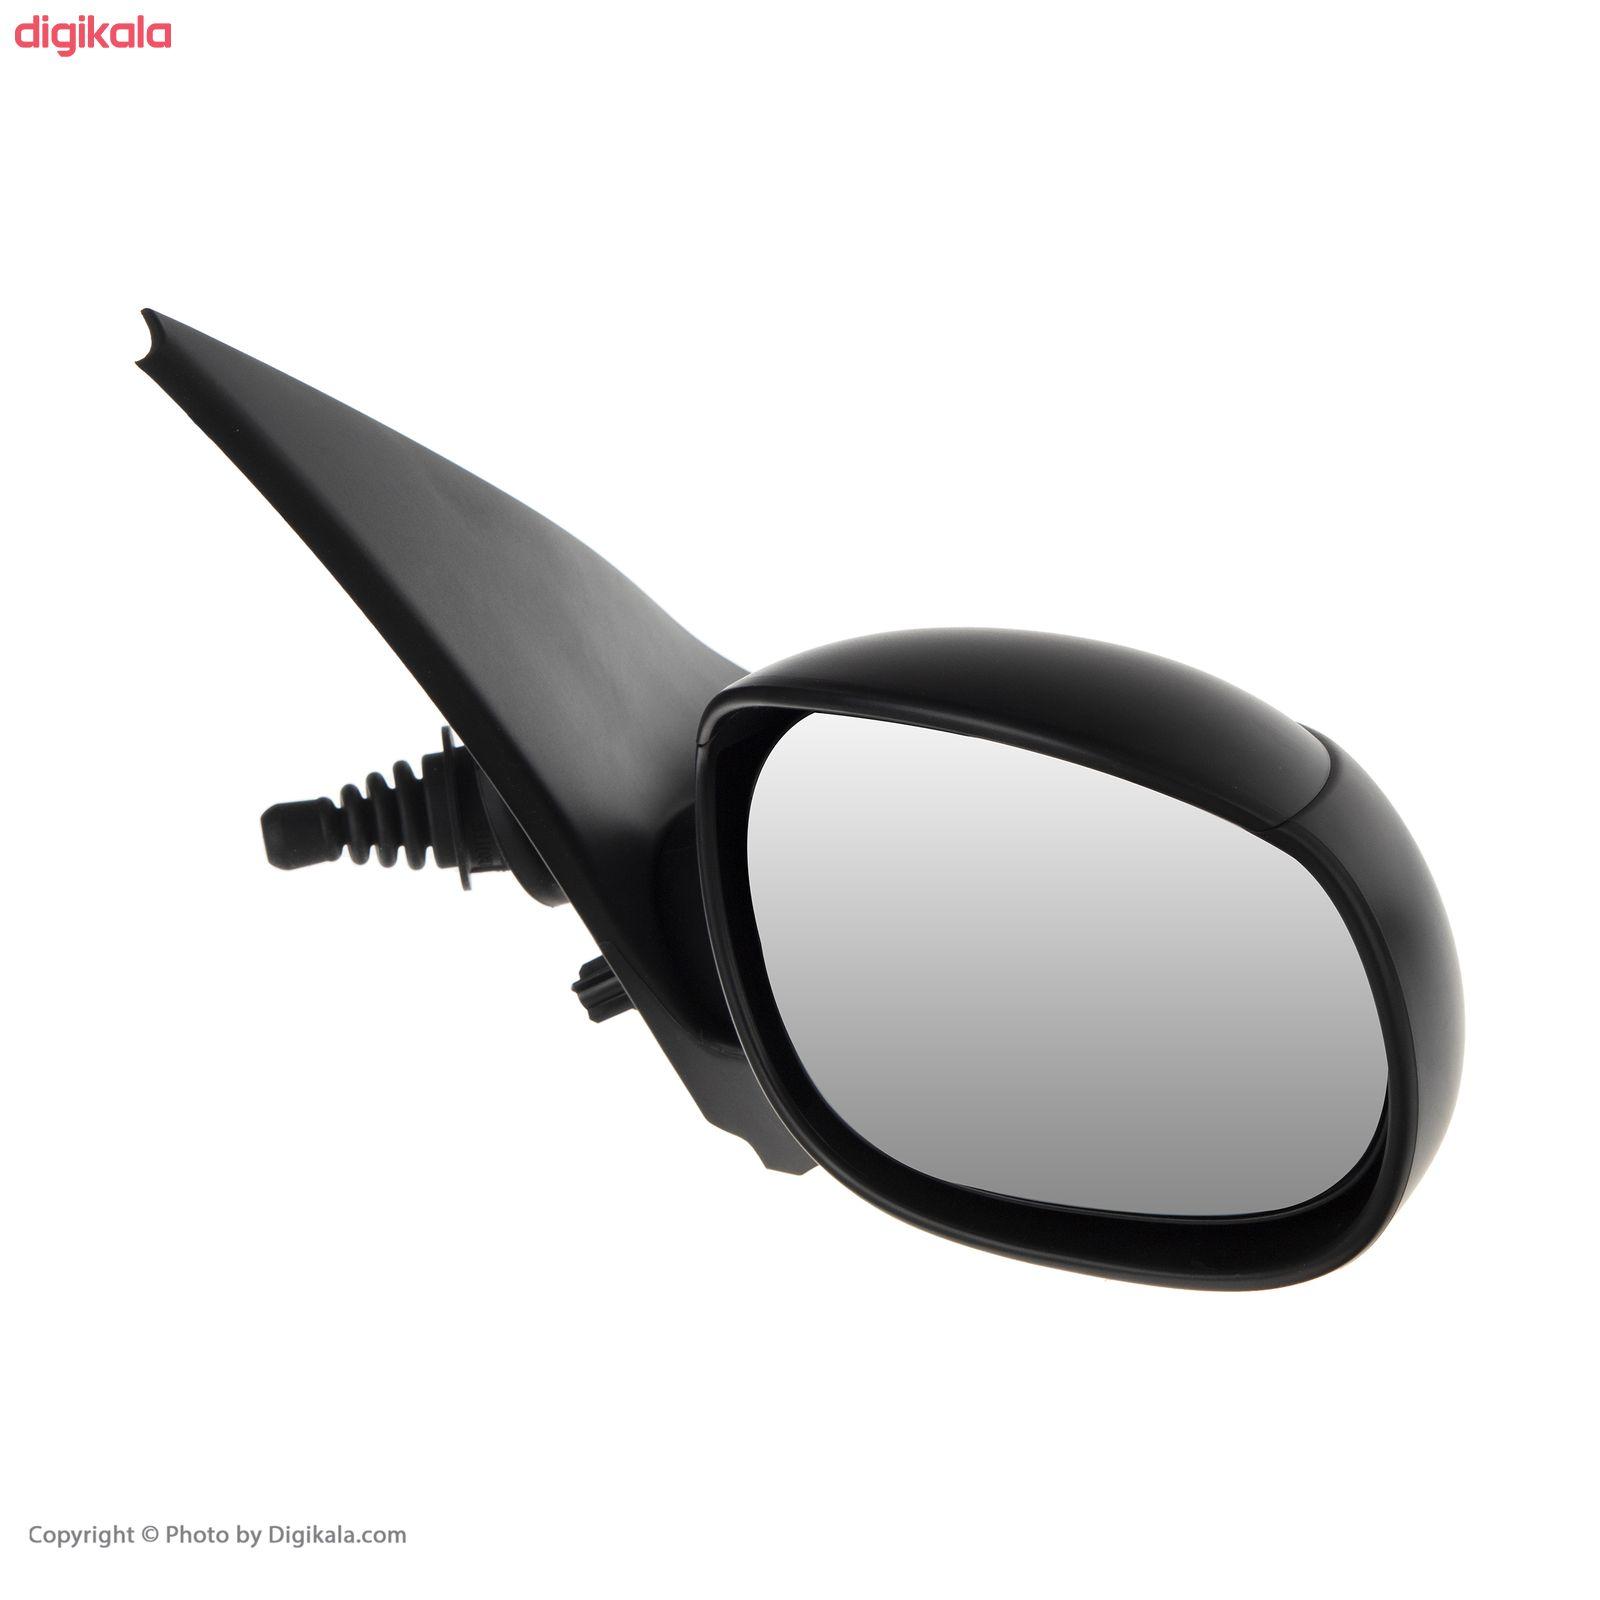 آینه جانبی راست کروز پلاس مدل CR34060201 کد 04 مناسب برای پژو 206 main 1 1